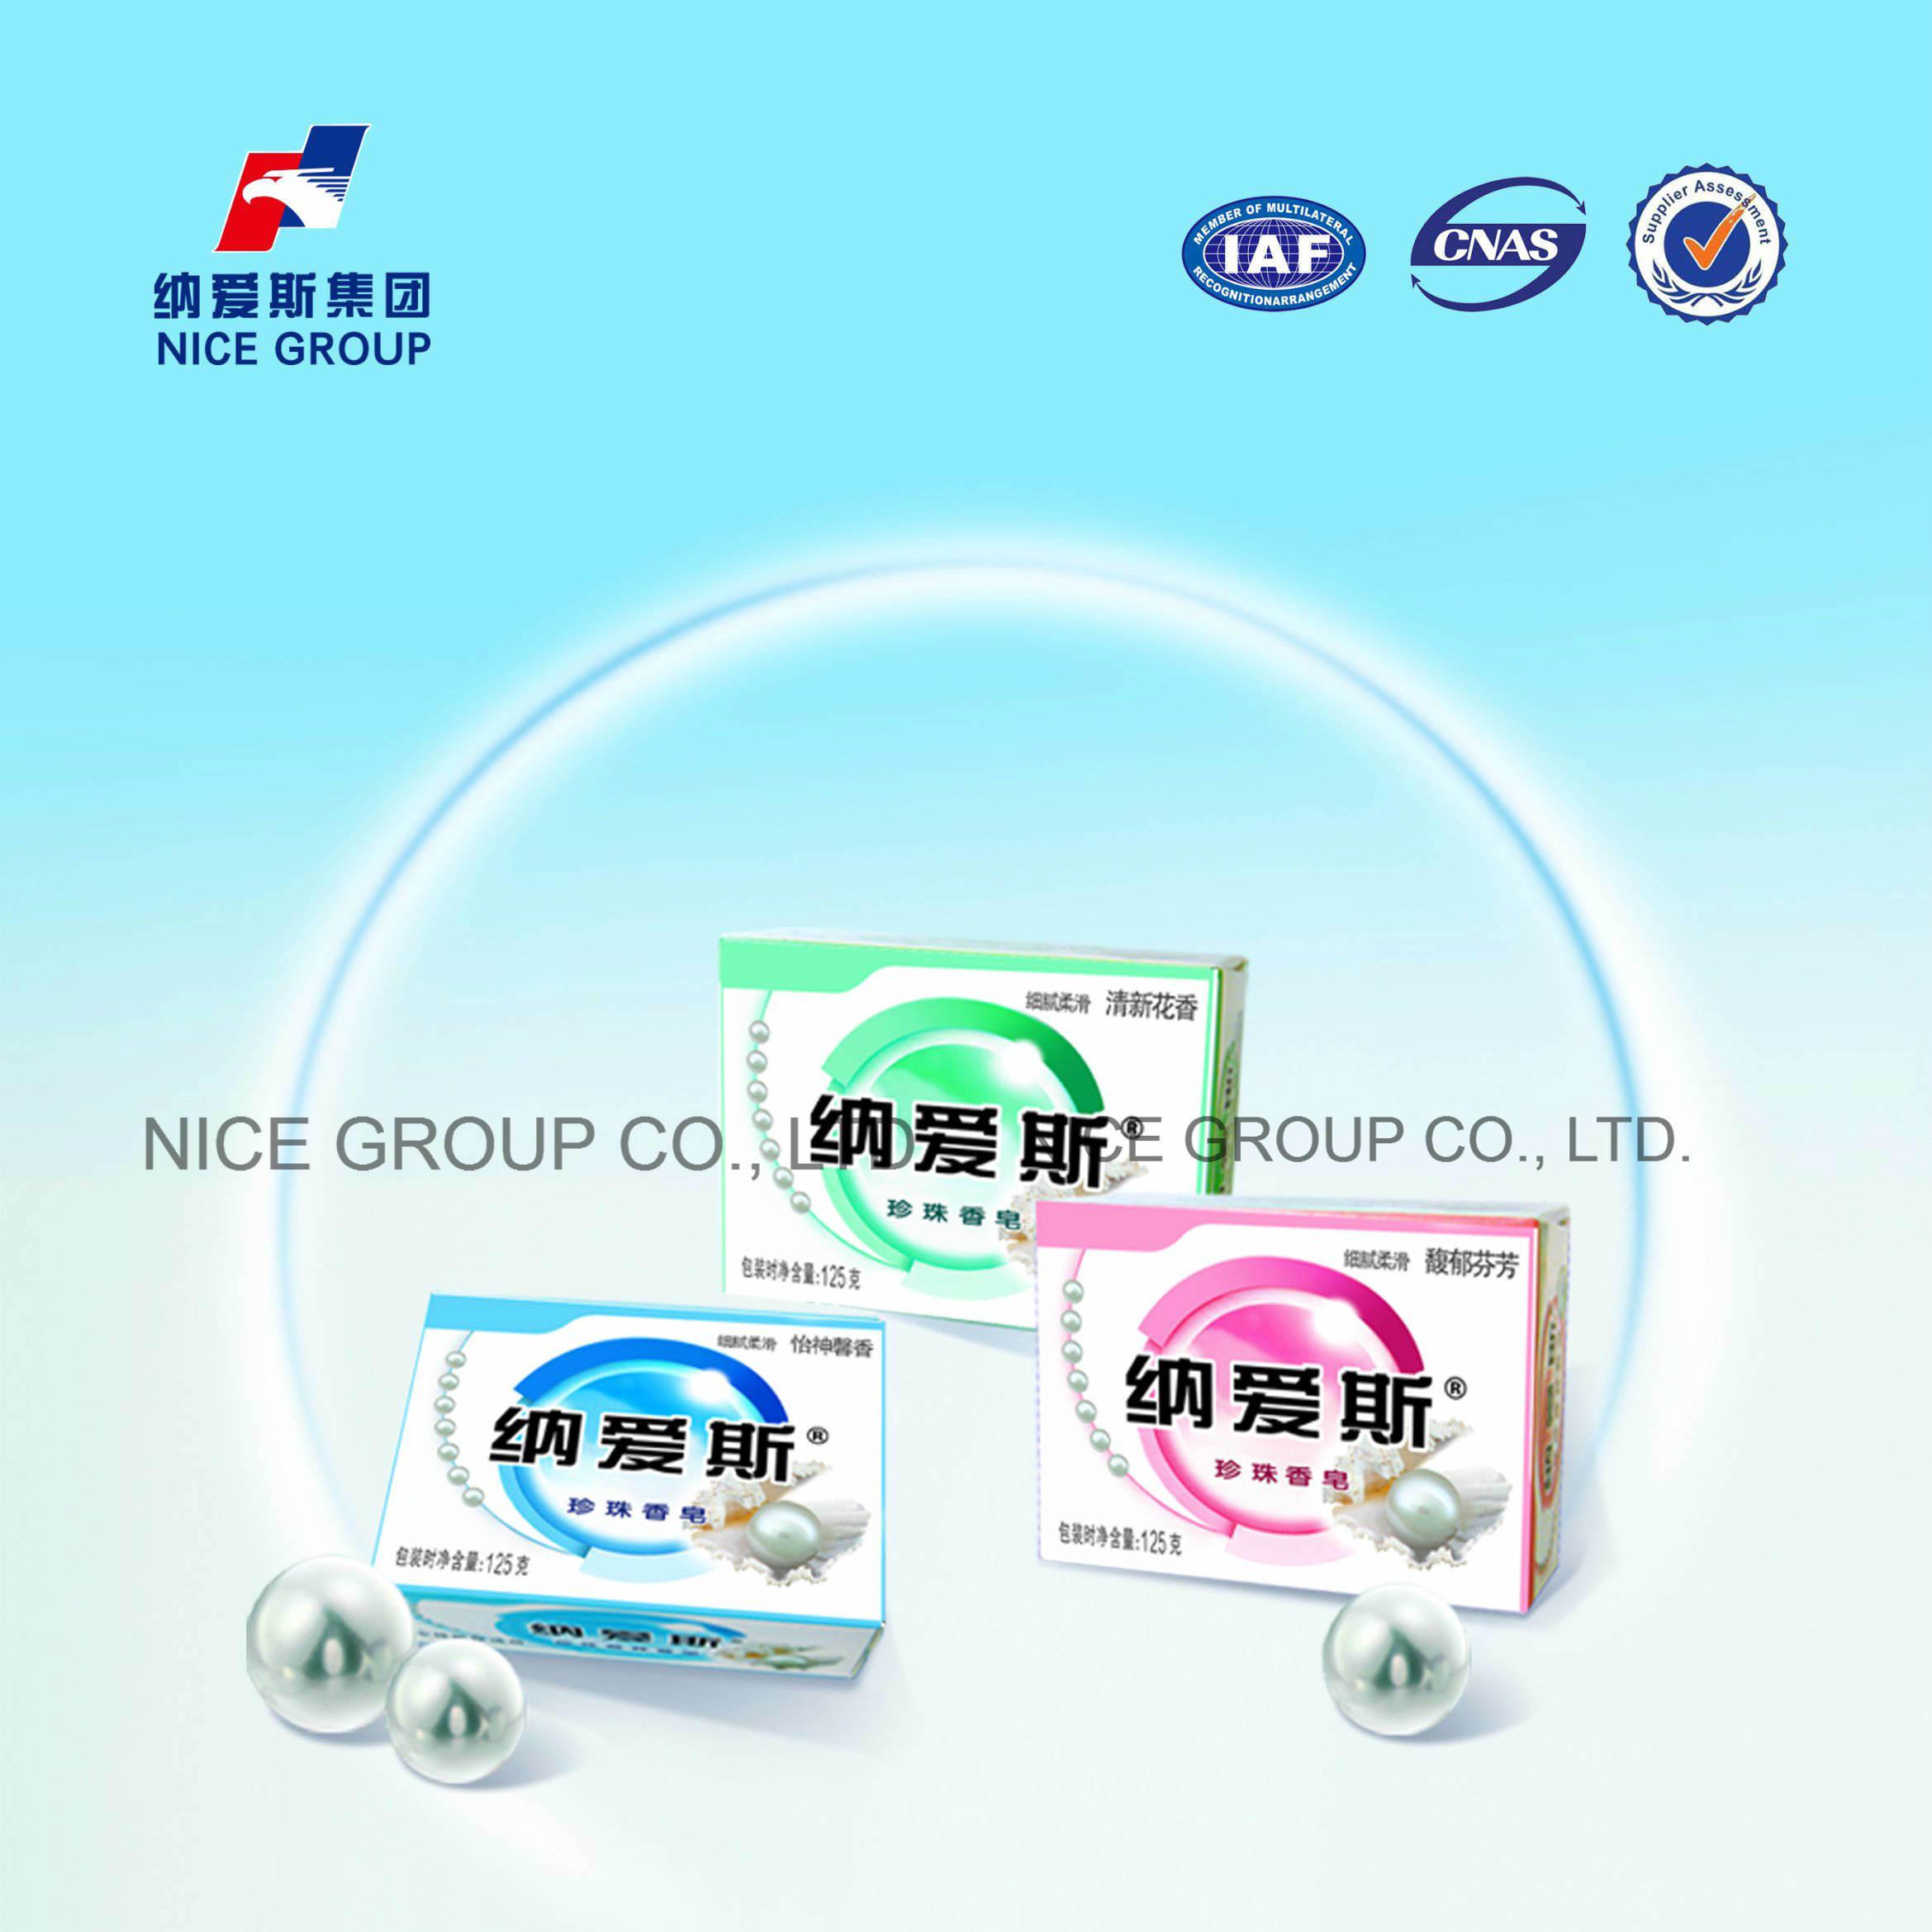 China Nice Brand 125g Natural Perfume Pearl Toilet Soap Photos ...